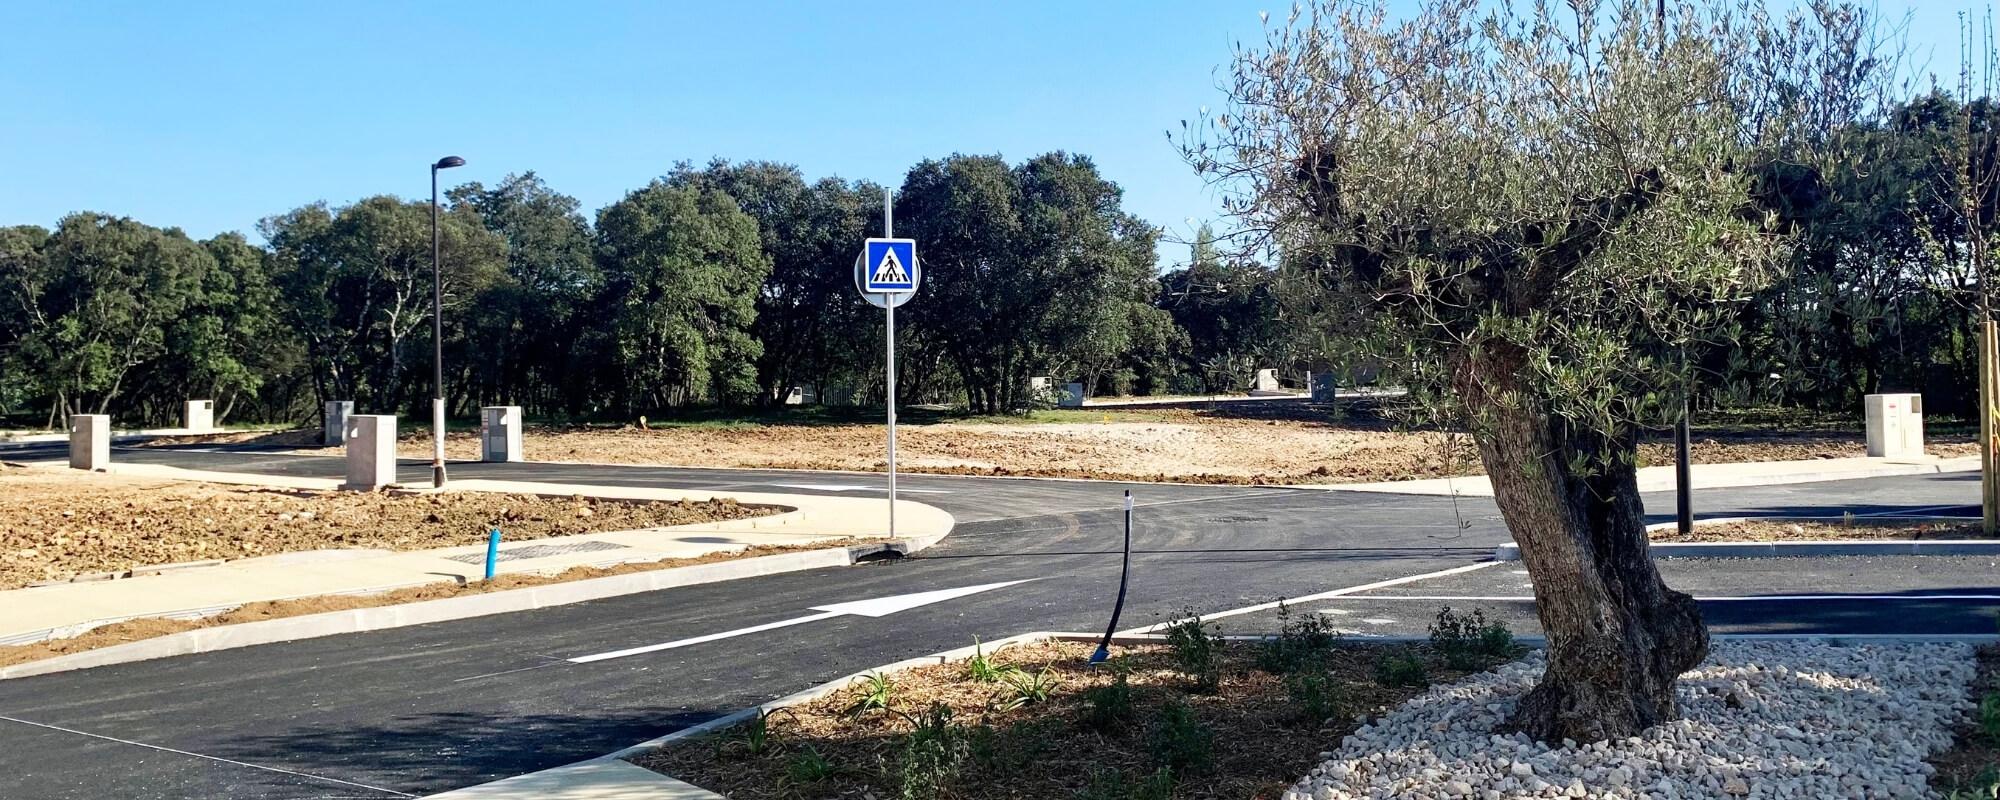 GGL-parc-cheneraie-saint-mathieu-de-treviers (1) (1)